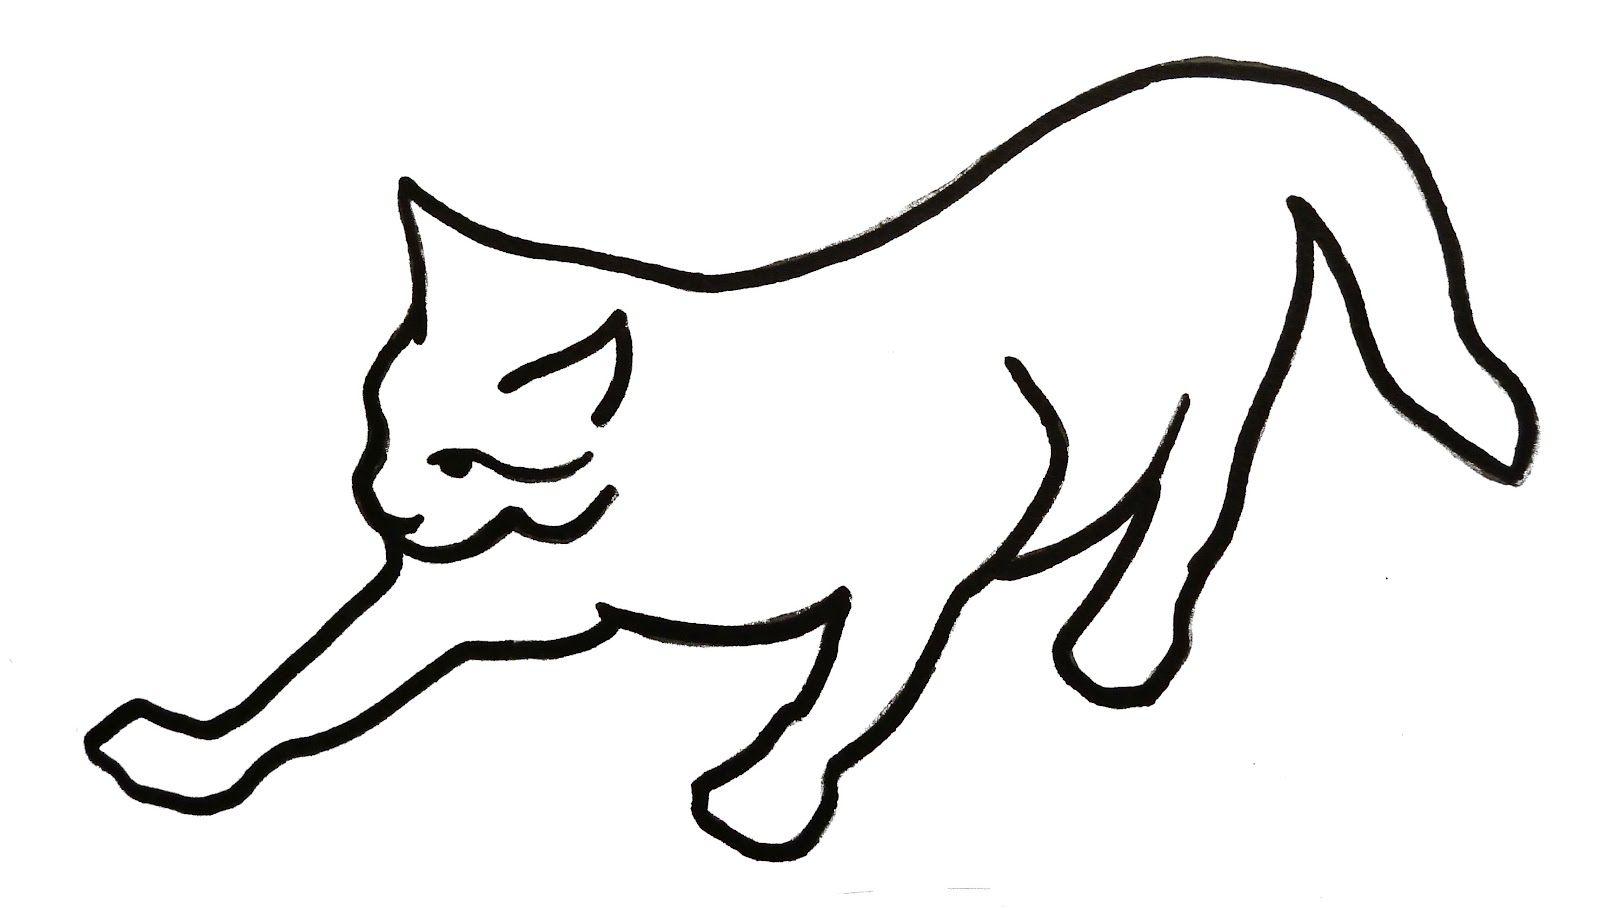 сибирская картинки котиков черно белые с контуром отпускания